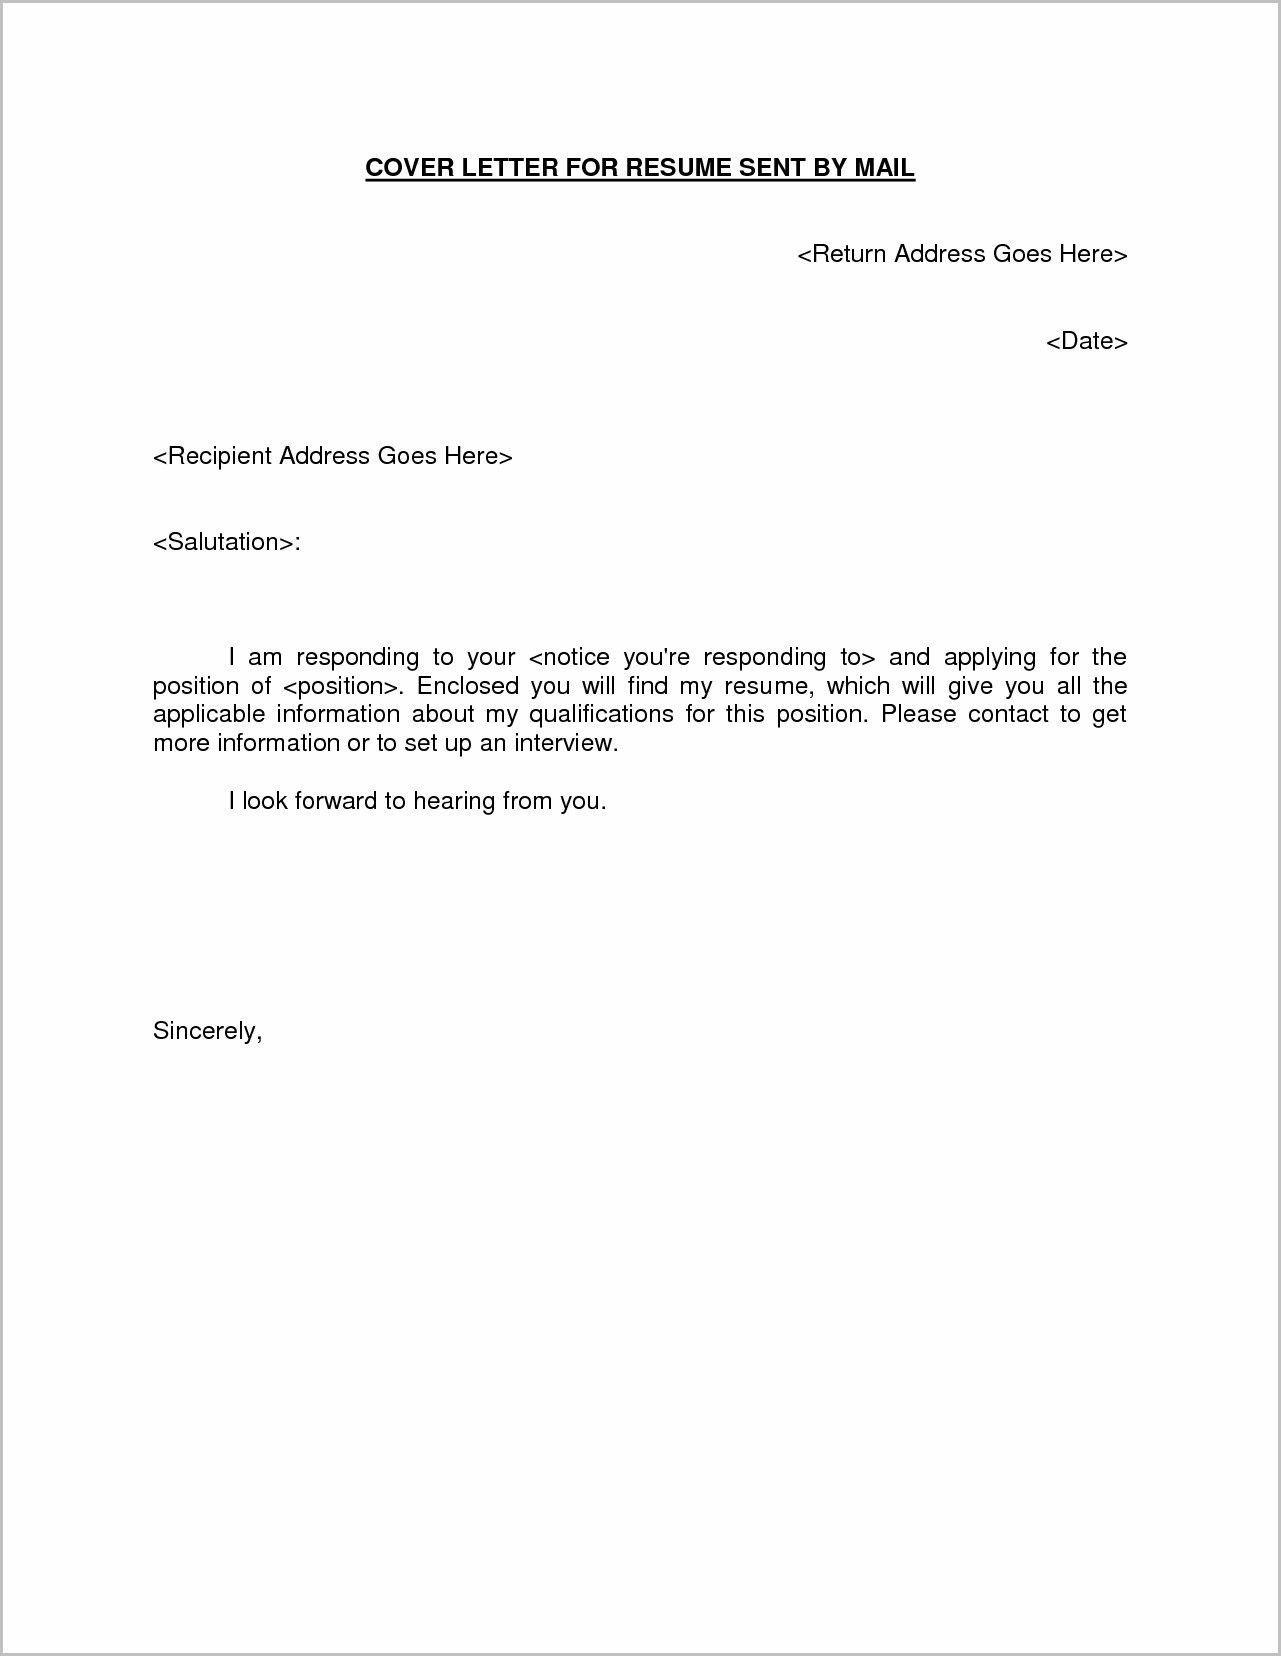 001 Imposing Email Cover Letter Sample Inspiration  Samples Resume Example Of For Job InternshipFull